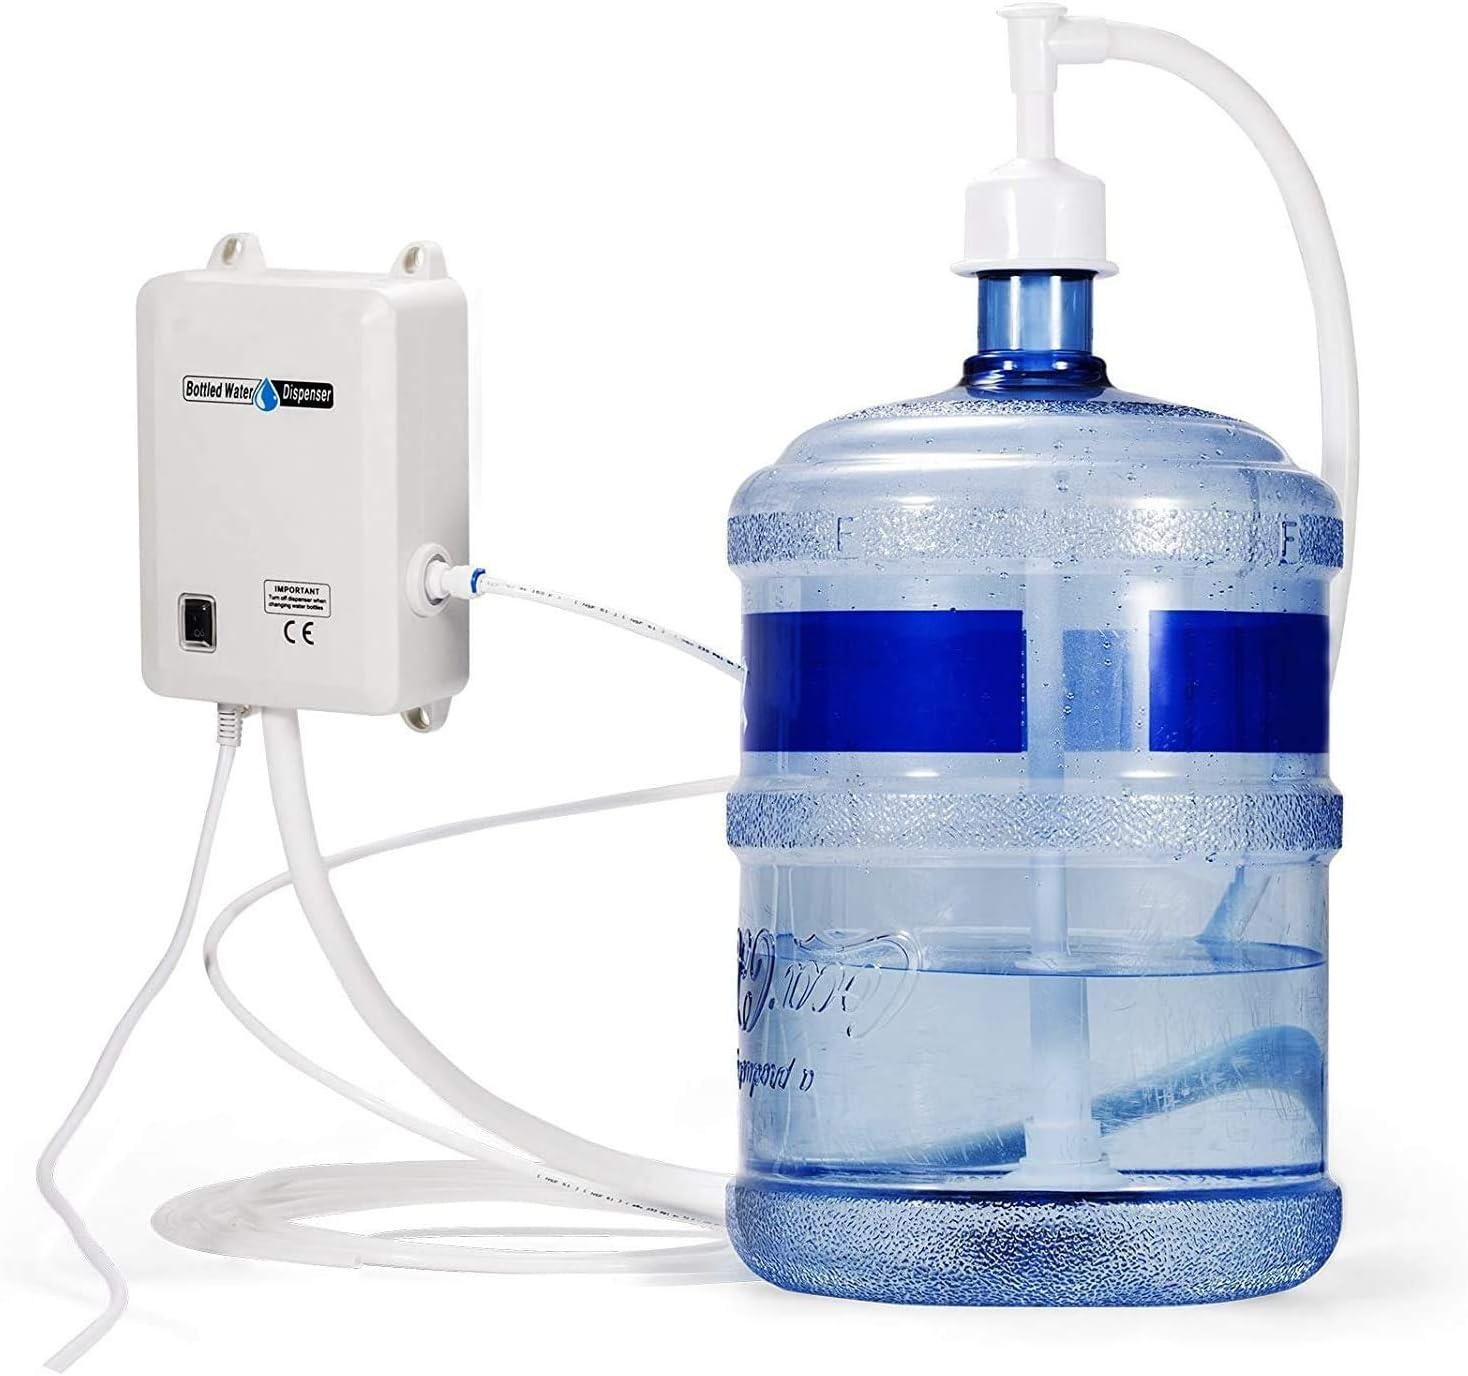 Dispenser erogtore WATER WITH TAP FOR GALLON LITER Bottle Bottles